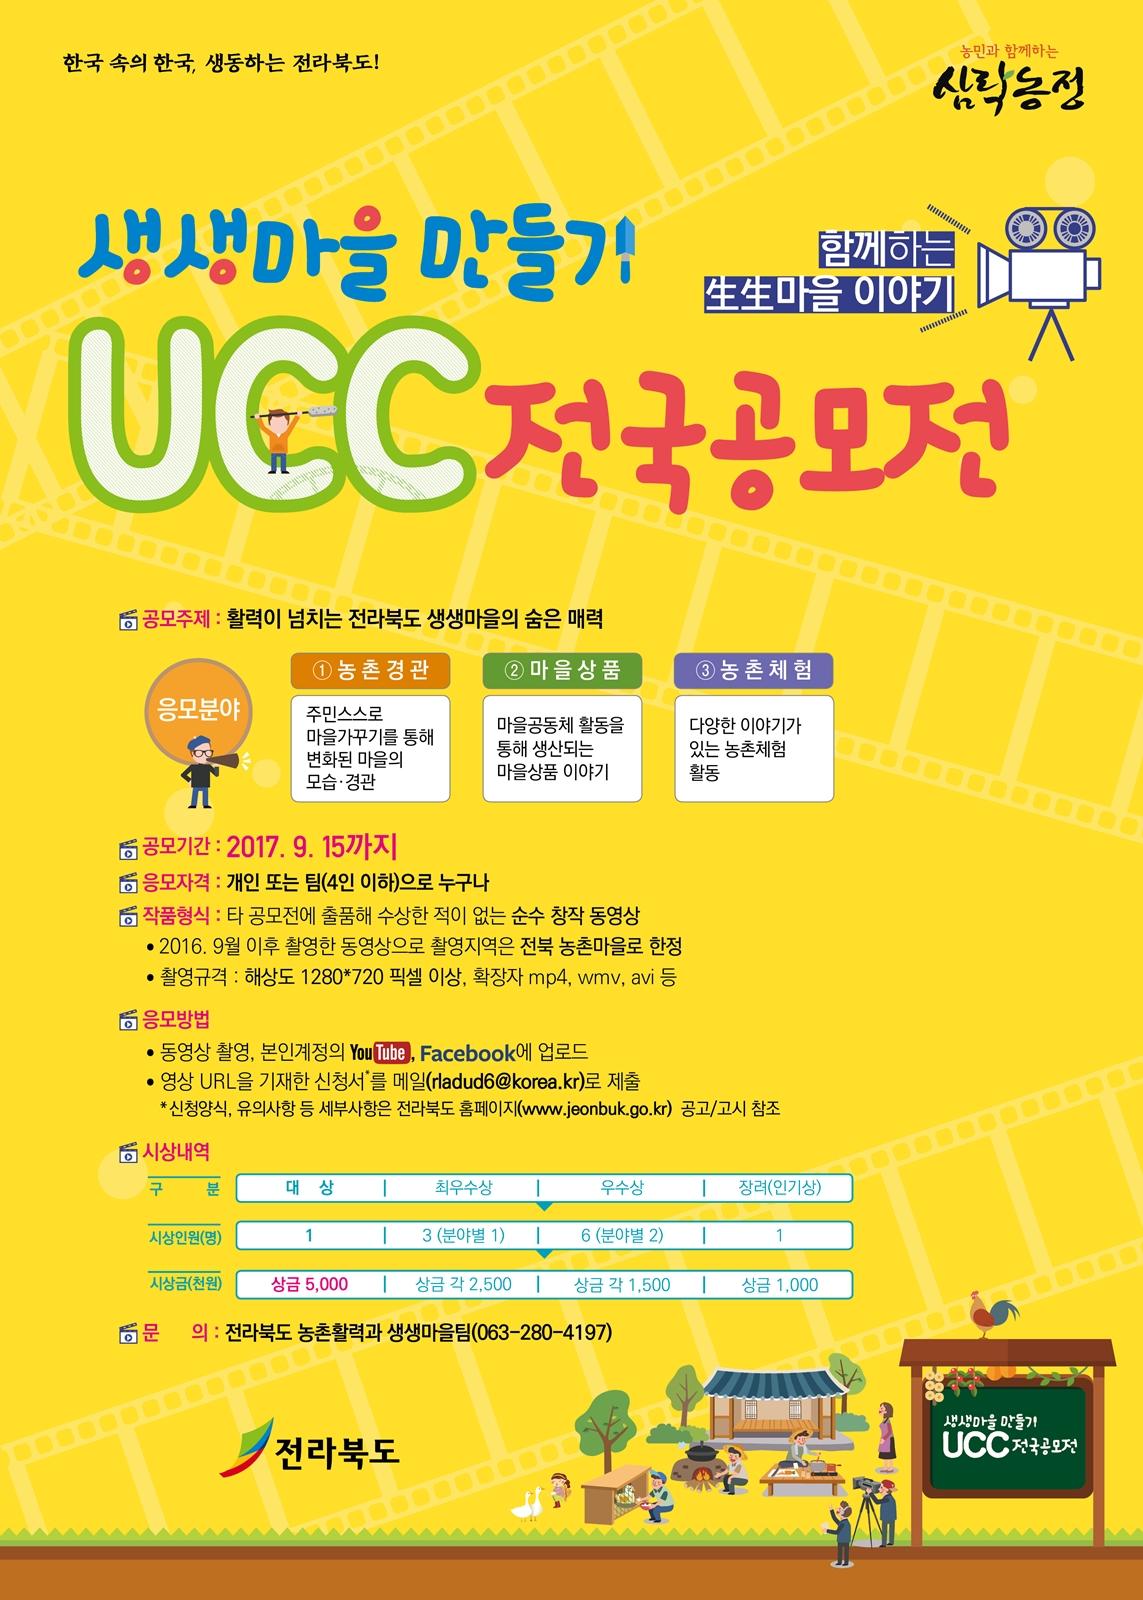 생생마을 만들기 UCC 전국공모전 - 응모기간 연장 (~10/15)